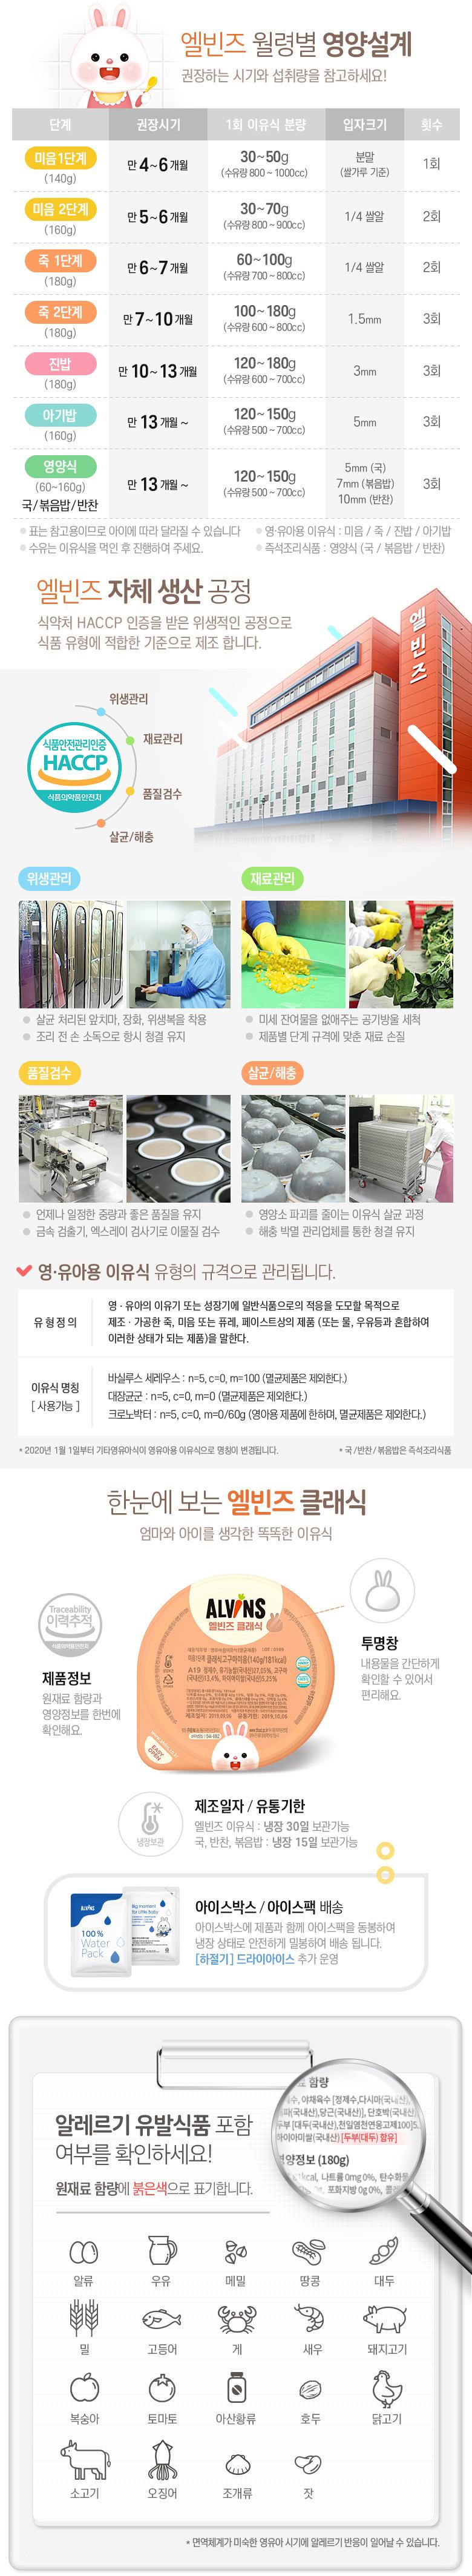 sangdan2.jpg